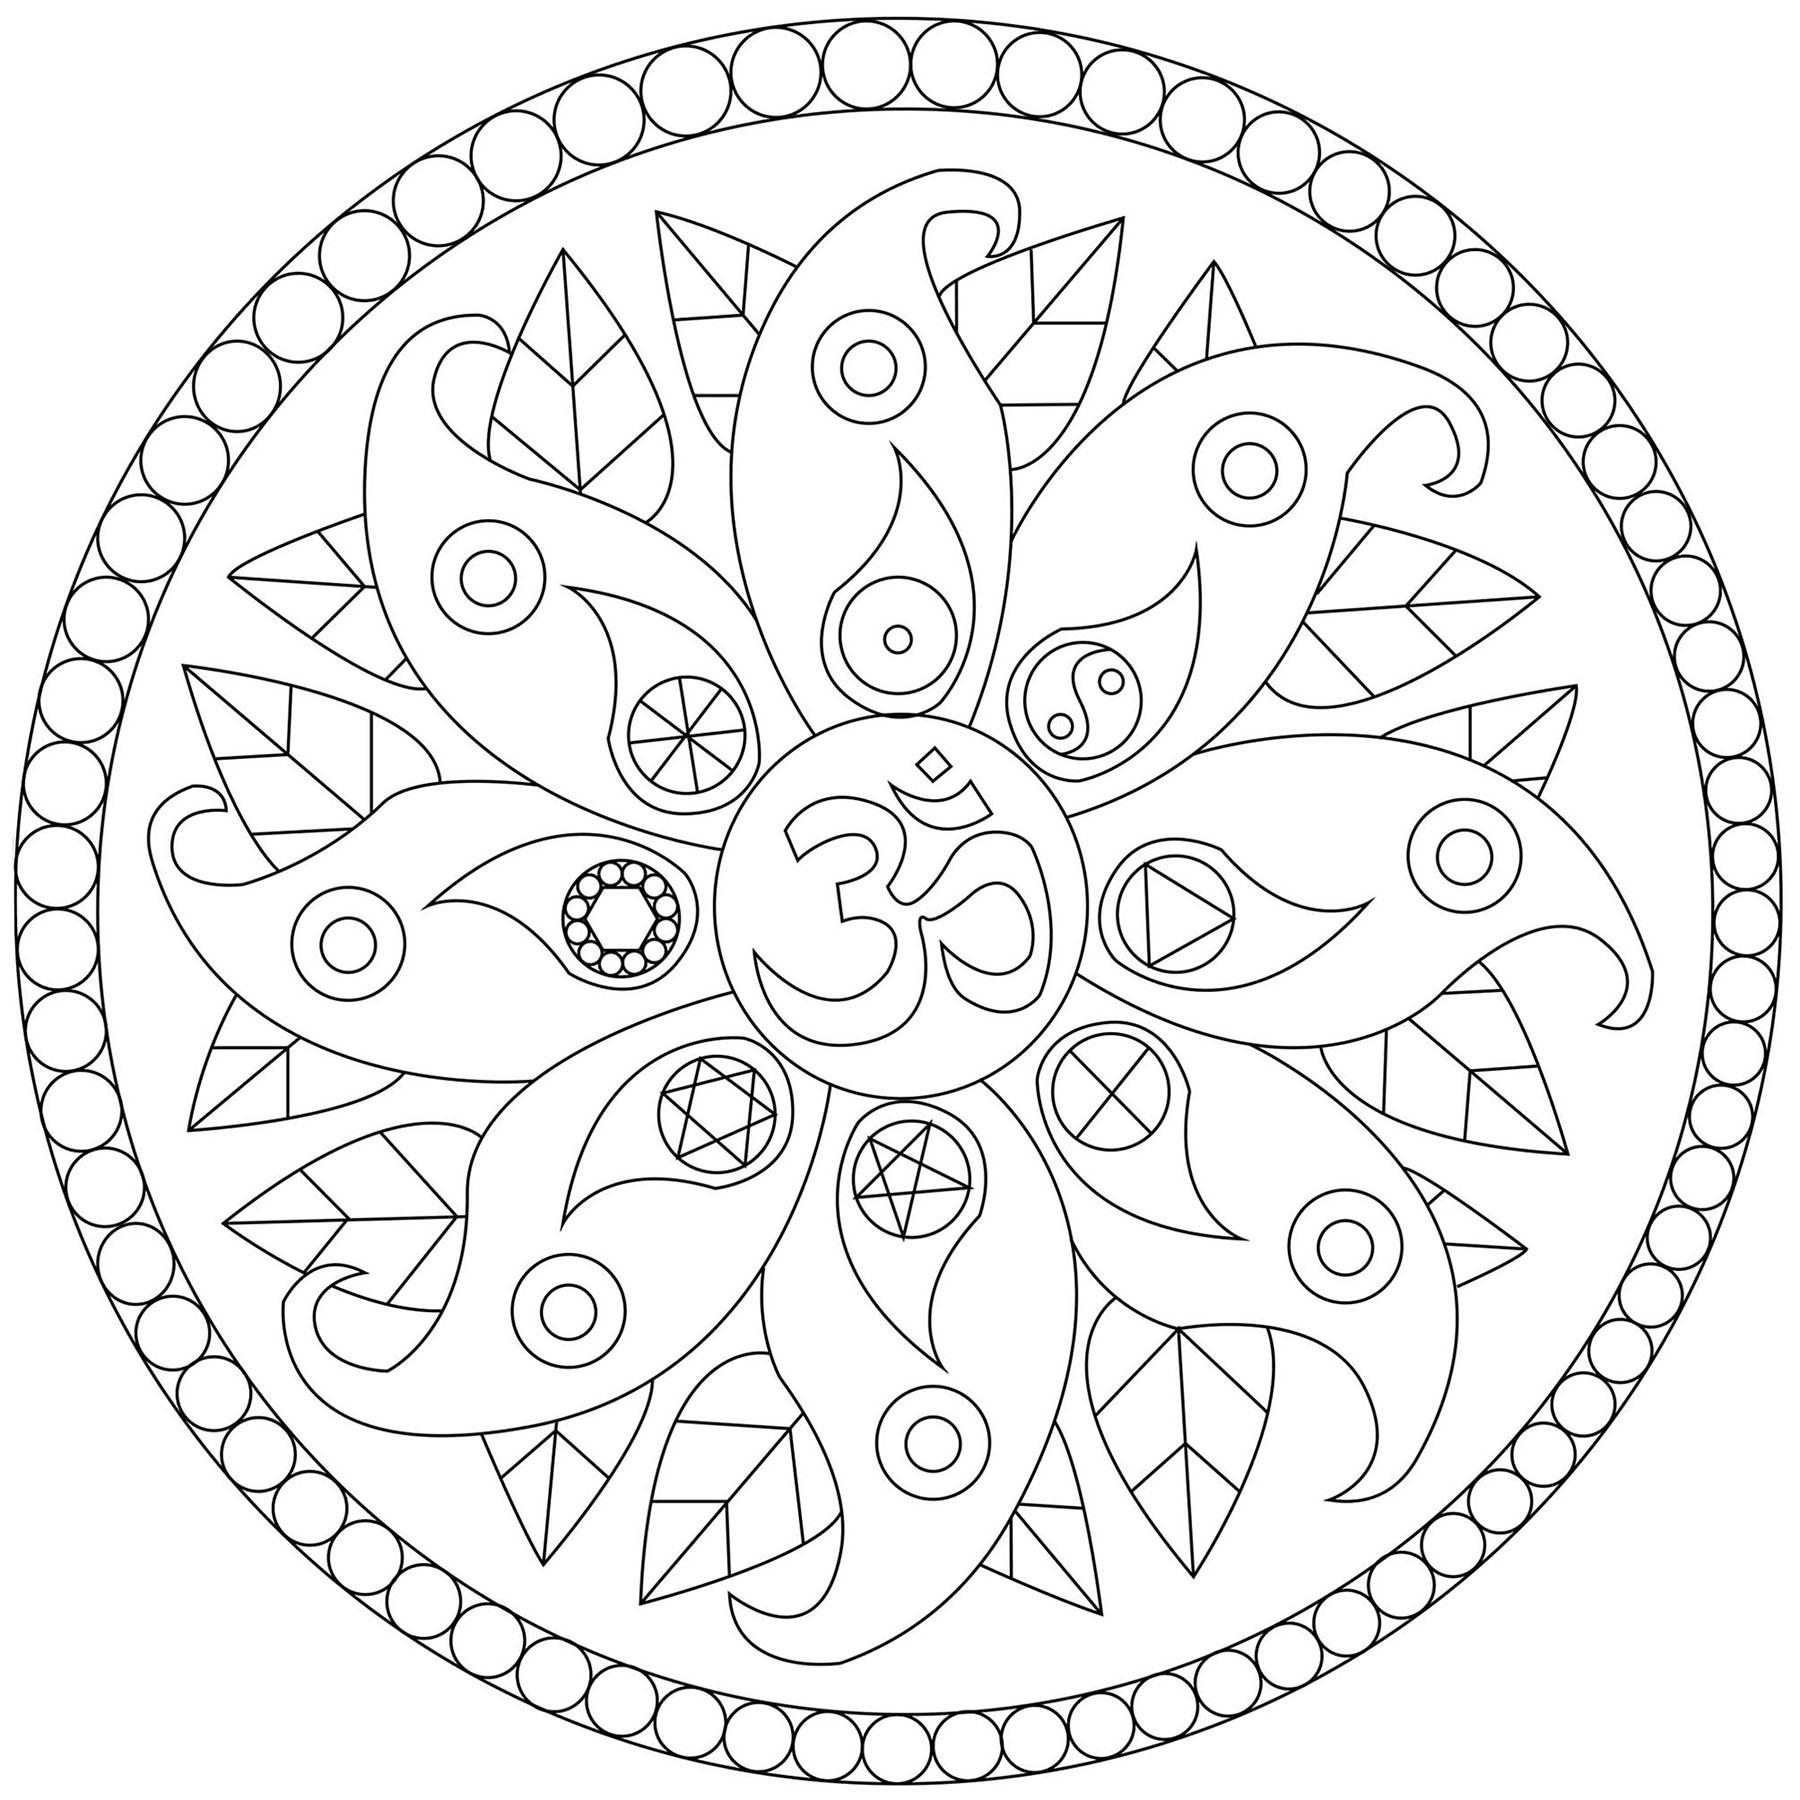 Un Mandala comportant des motifs végétaux et divers symboles comme le Yin & Yang